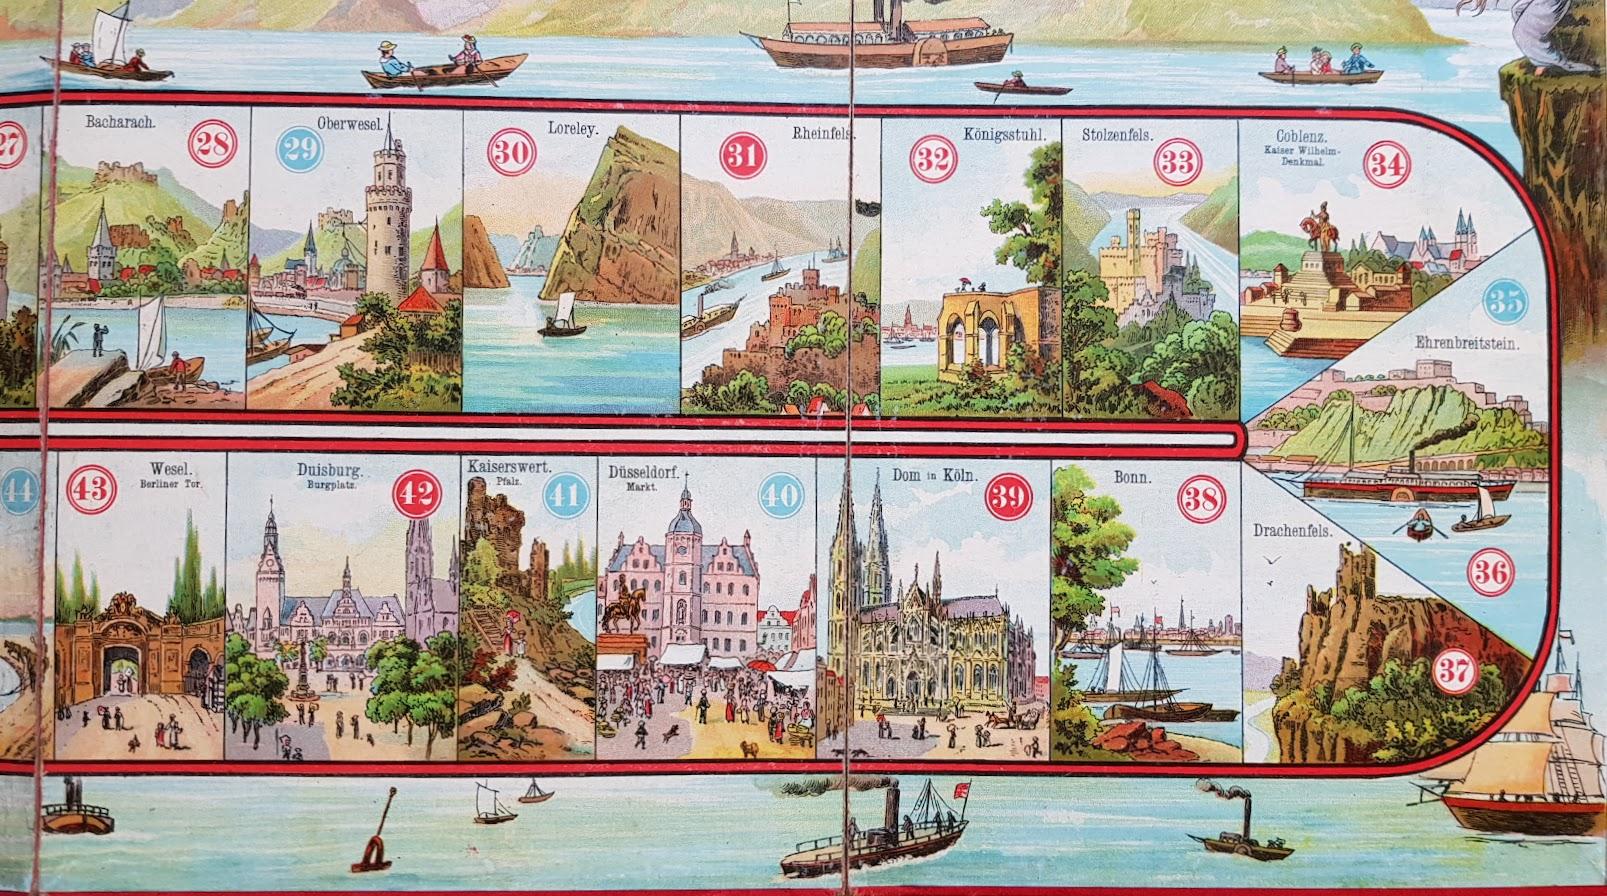 Reise auf dem Rhein - Spiel aus dem Spielebuch 'Wer spielt mit?'